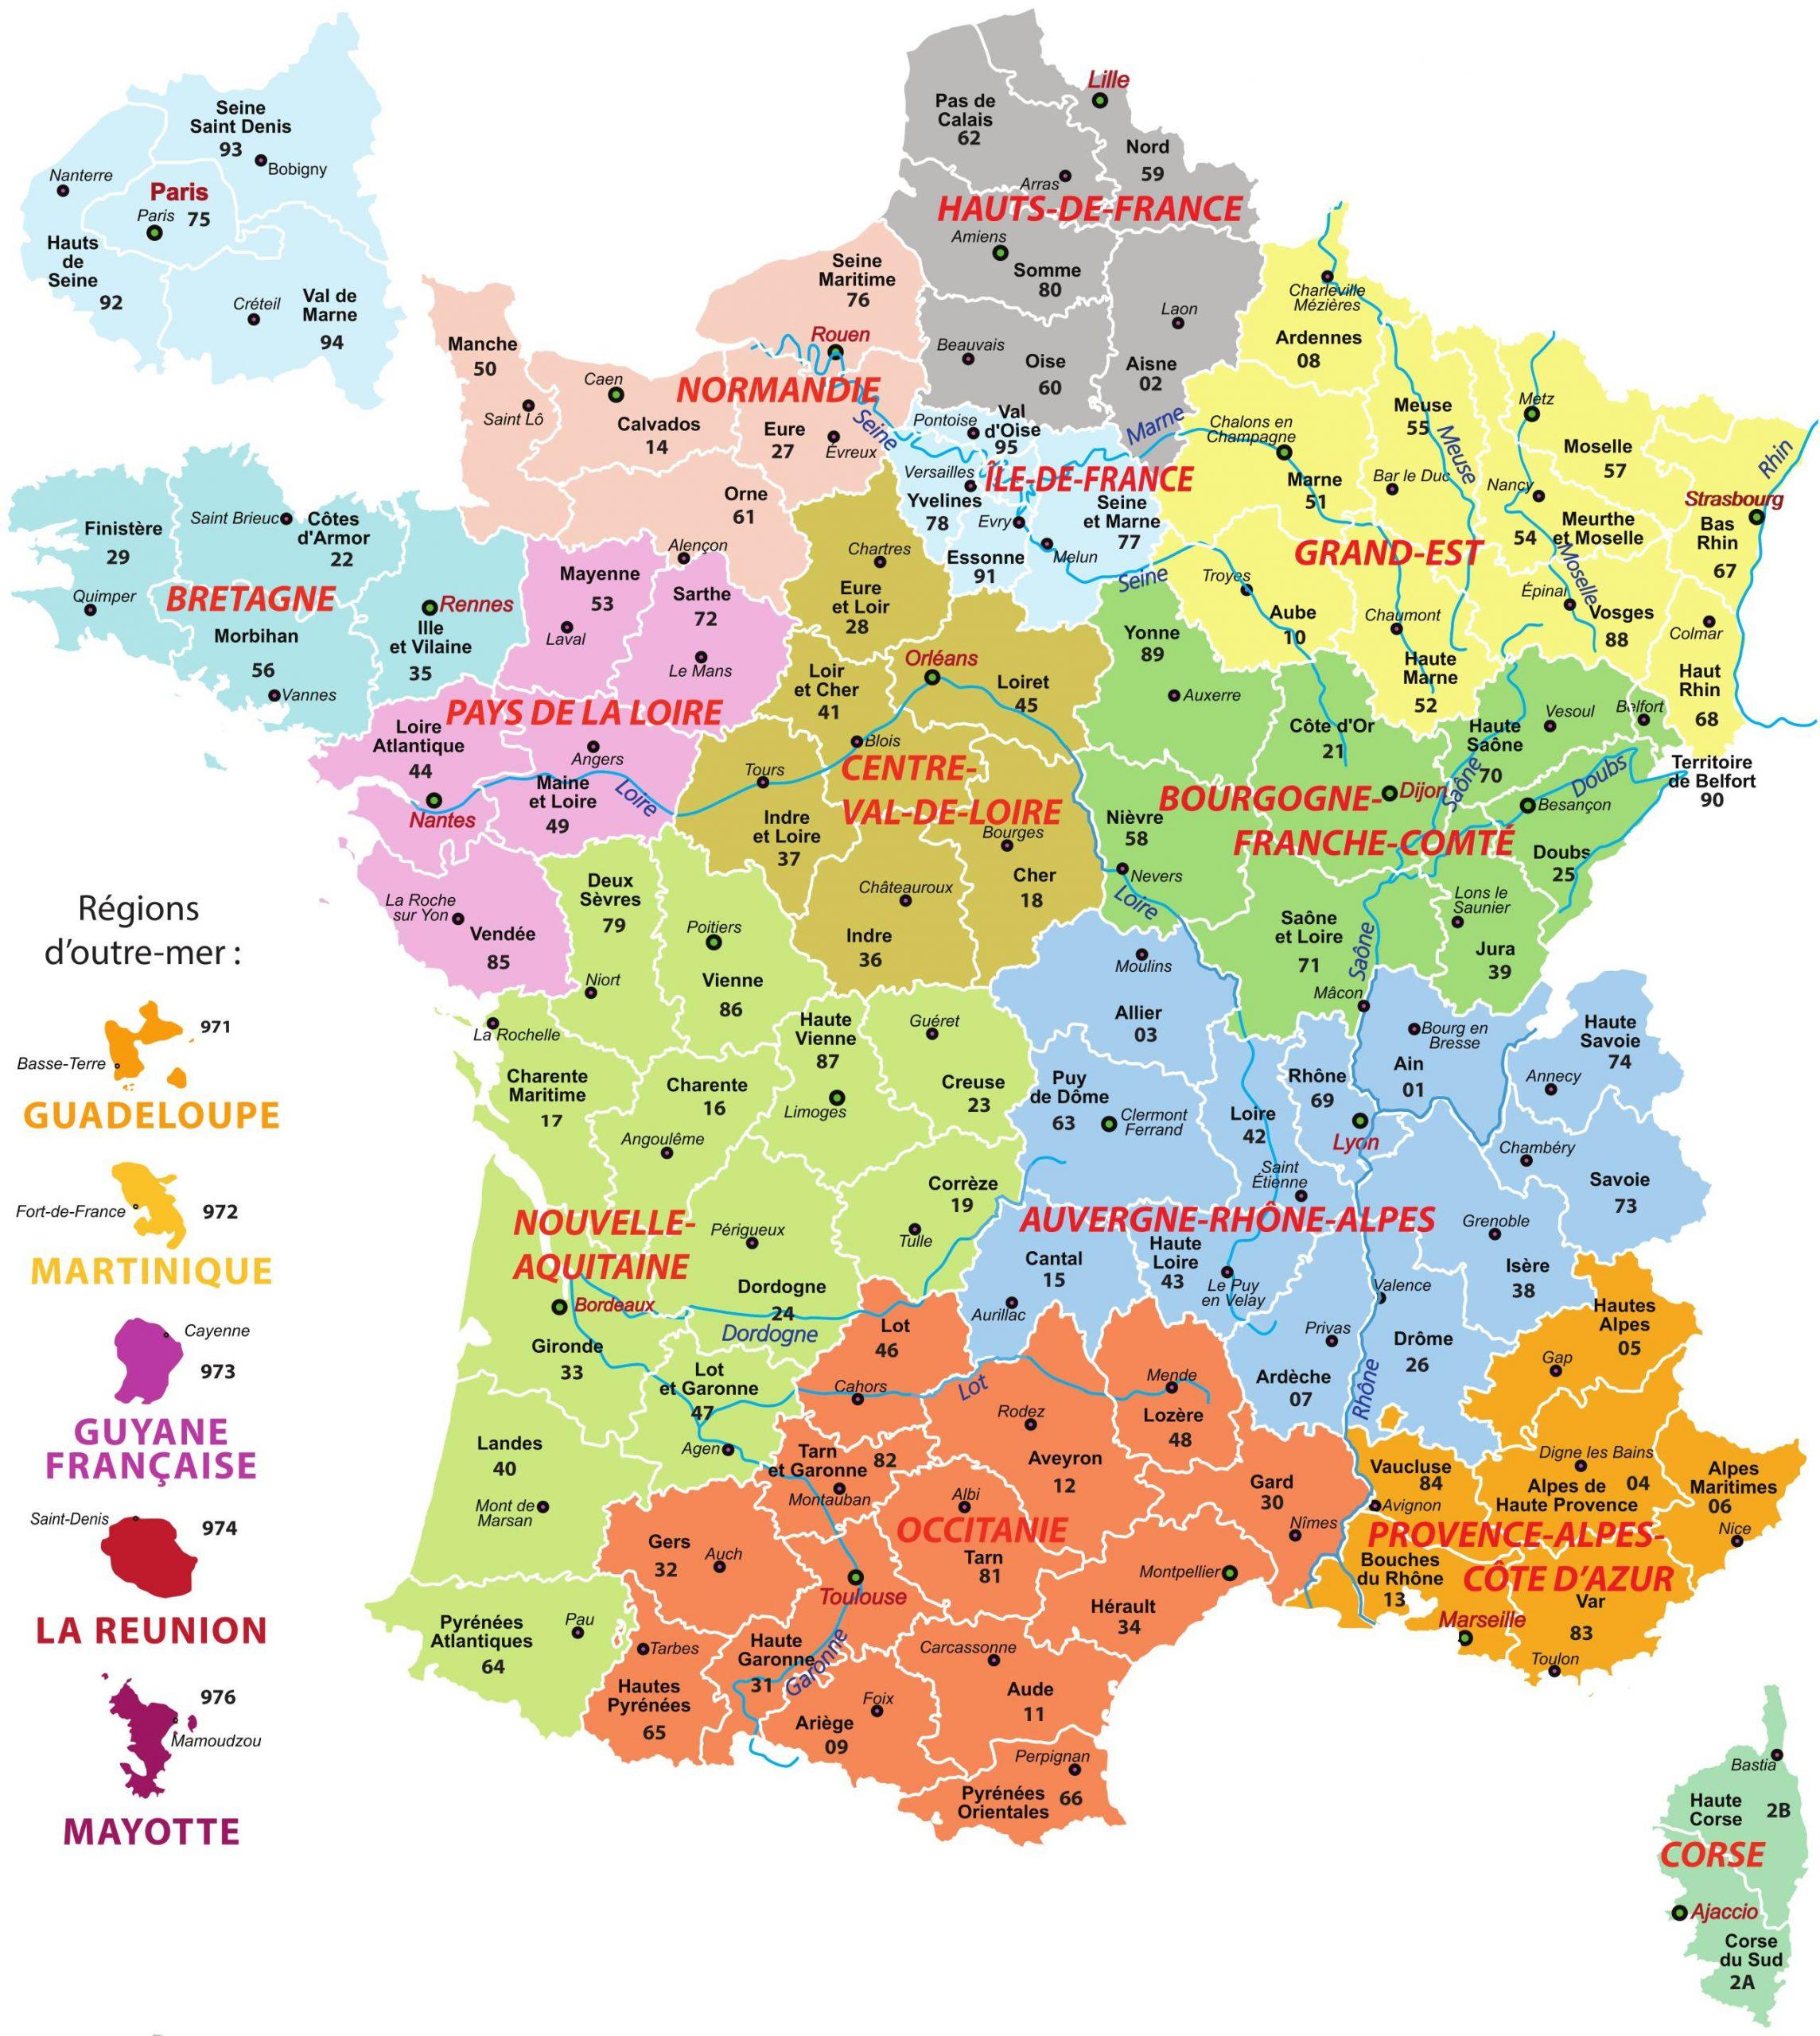 Cartes De France : Cartes Des Régions, Départements Et avec Numero Des Departements Francais